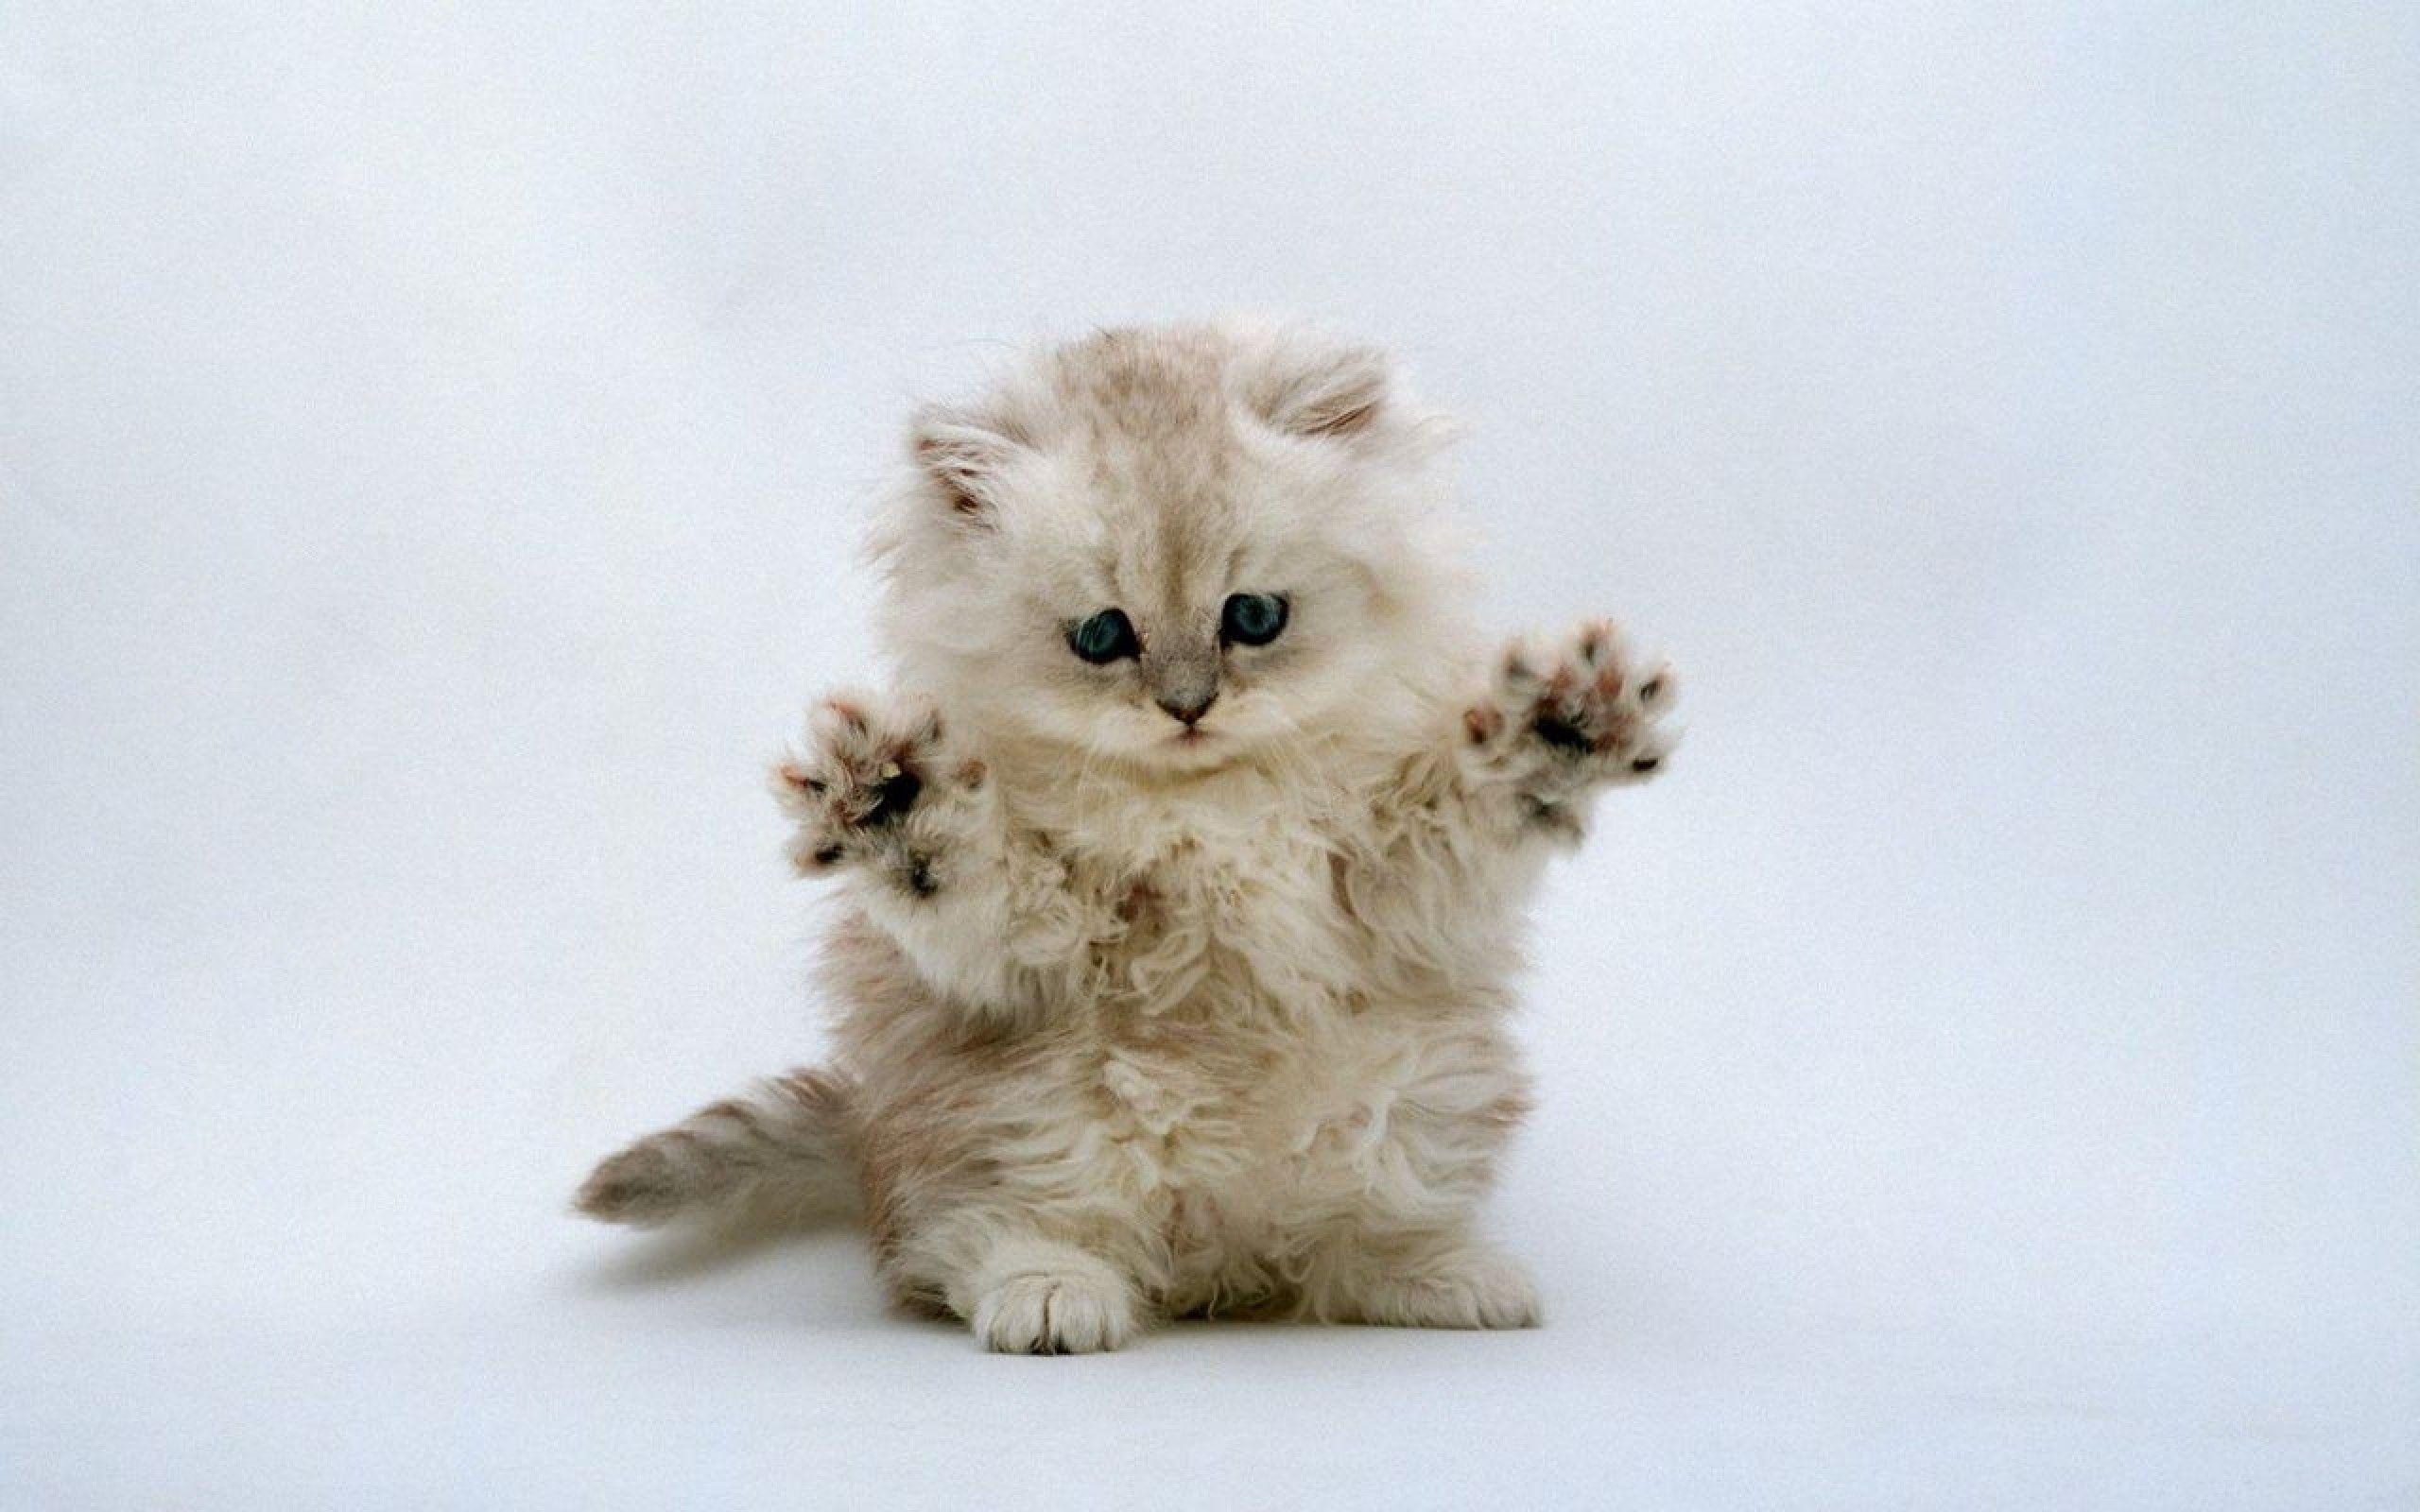 kittens 1 kittens wallpapers | Inspire Kids